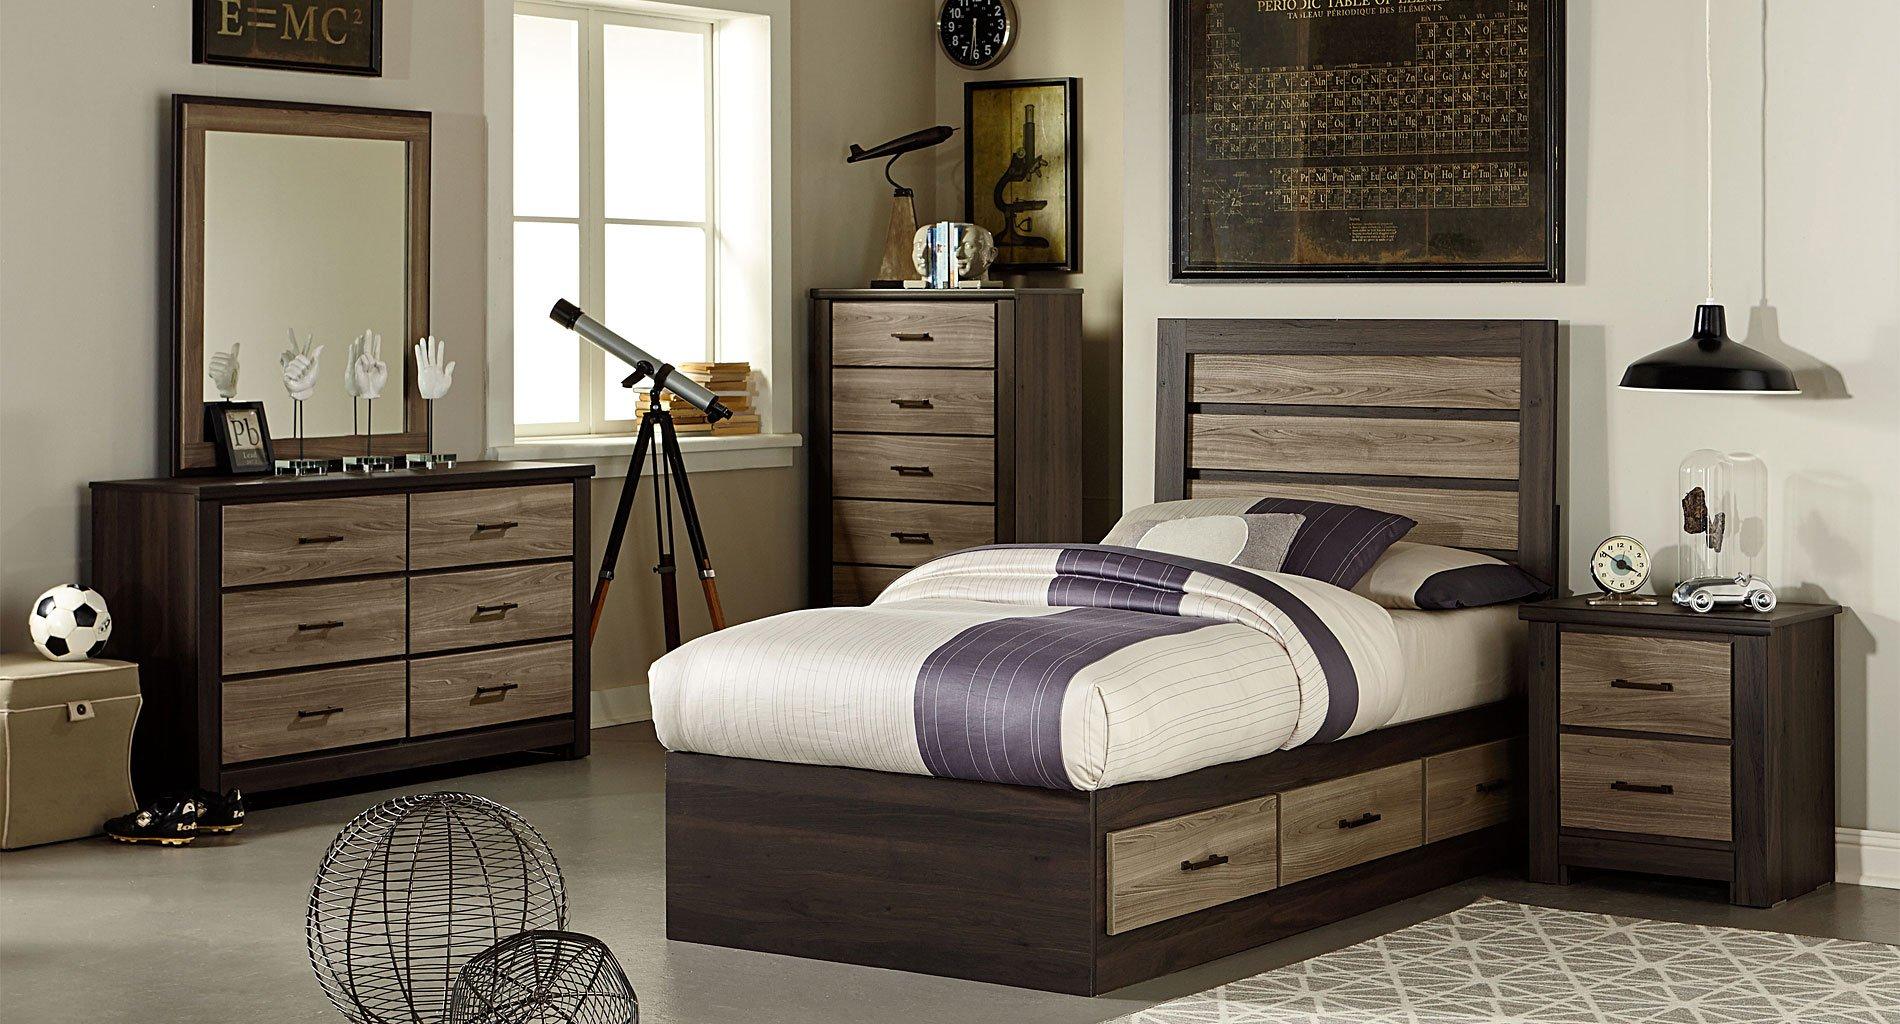 oakland captains bedroom set by standard furniture furniturepick. Black Bedroom Furniture Sets. Home Design Ideas